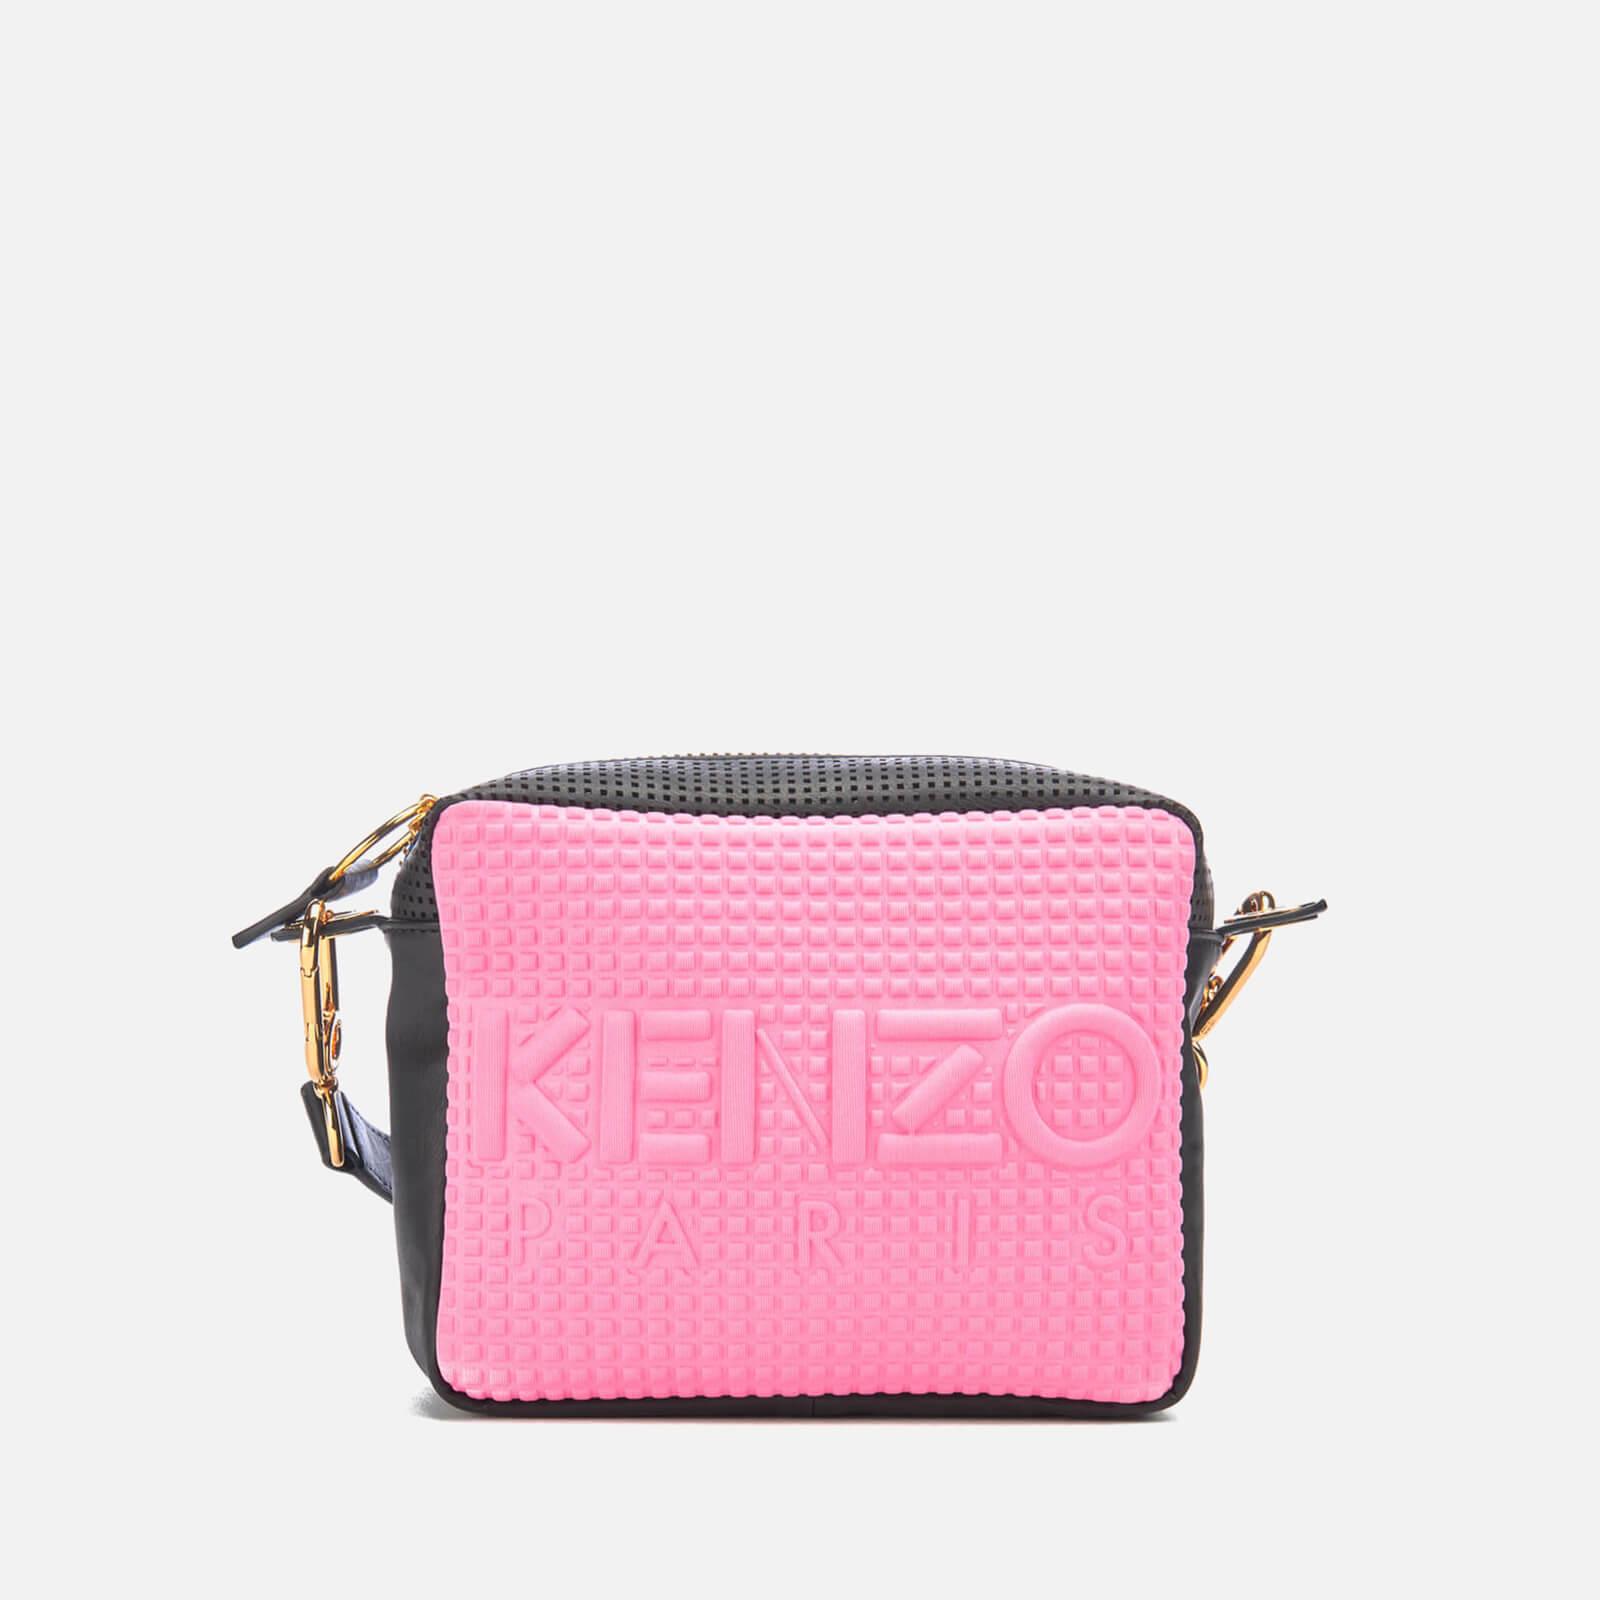 404e97a29e KENZO Women's Kombo Camera Bag - Pink/Bordeaux - Free UK Delivery over £50